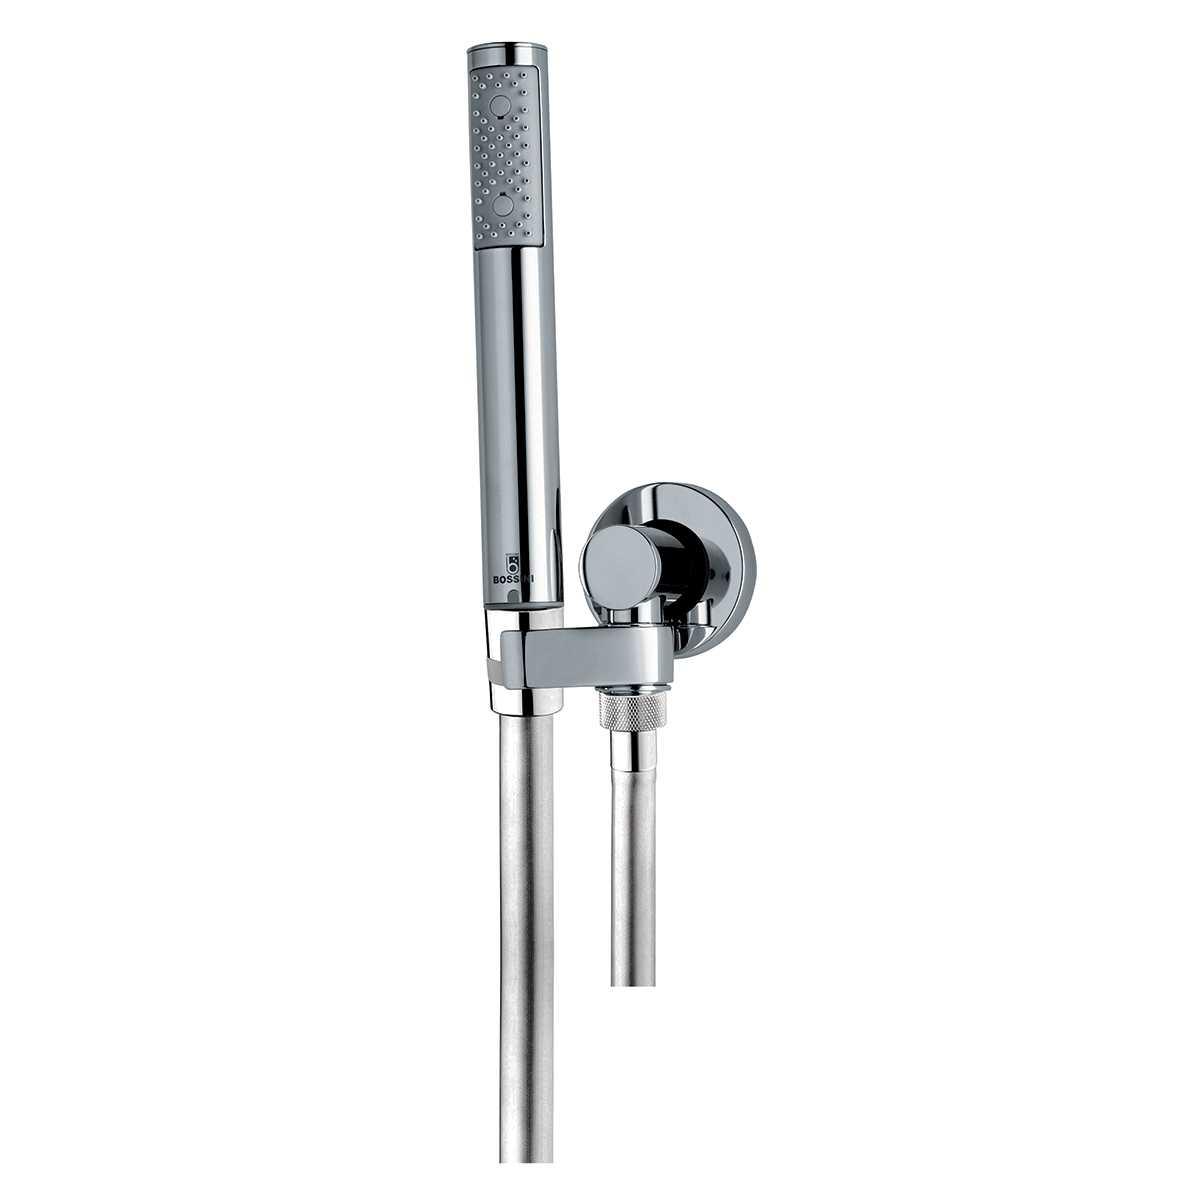 Duplex doccia Zen Bossini Supporto con presa acqua Flessibile Cromolux